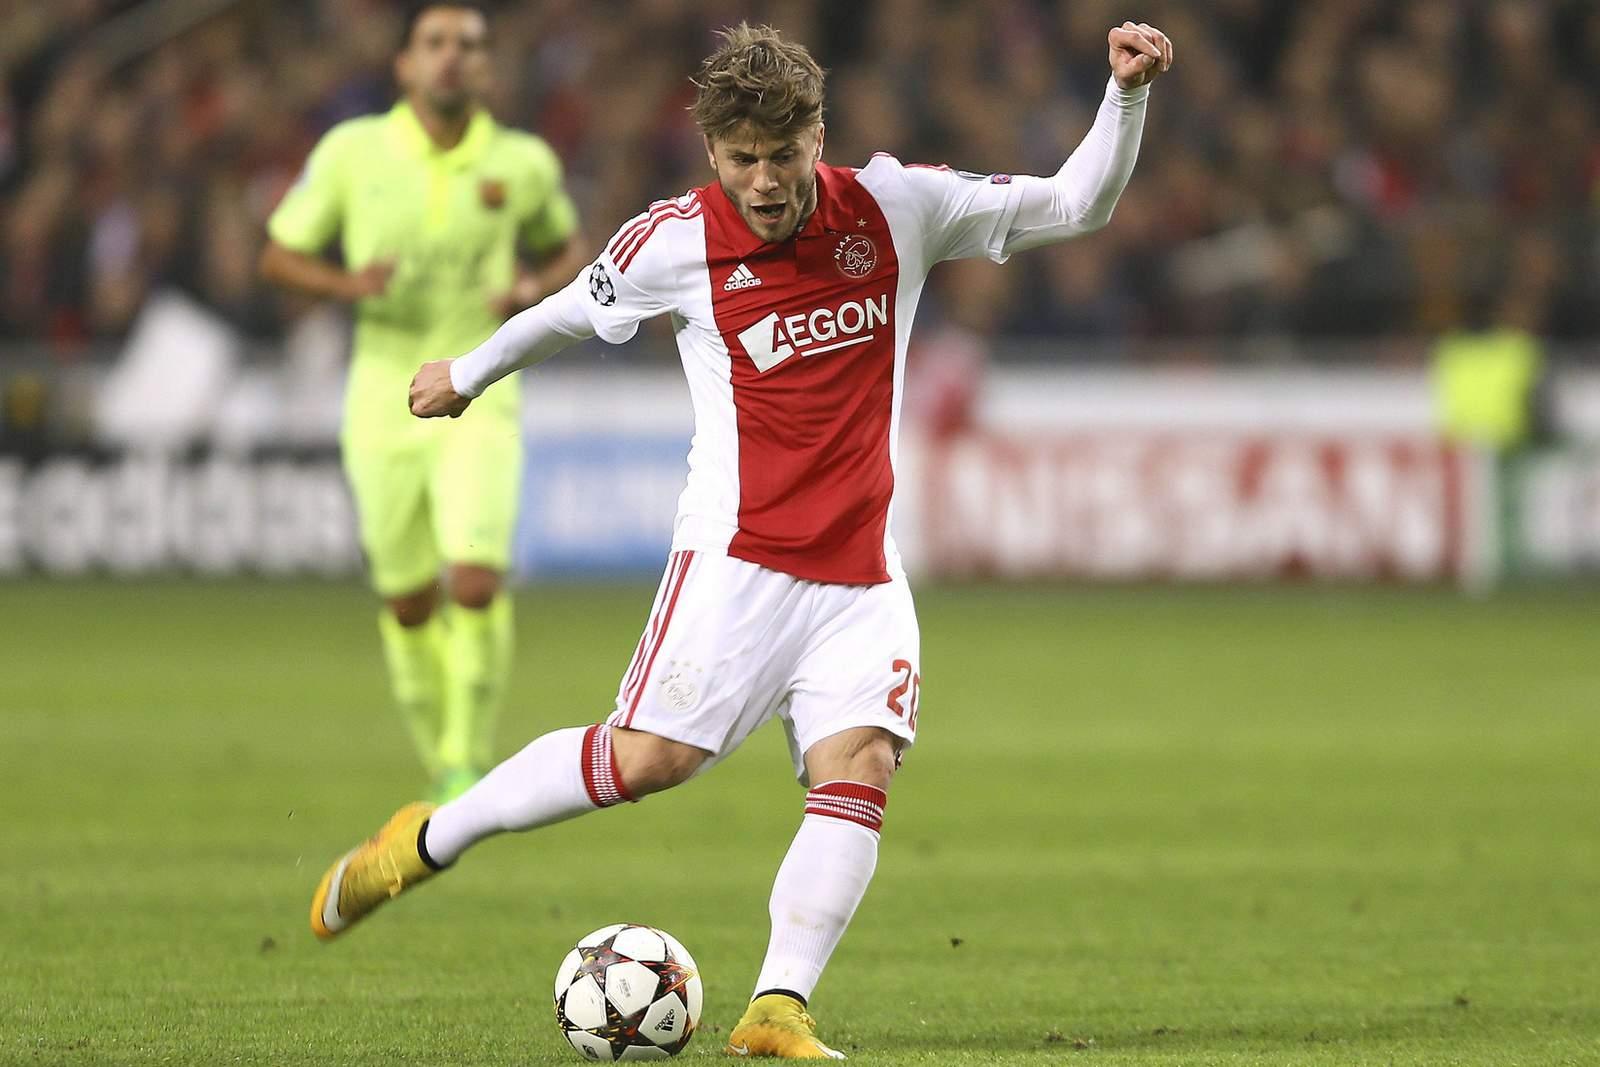 Lasse Schöne zieht ab. Jetzt auf Celta Vigo gegen Ajax Amsterdam wetten!